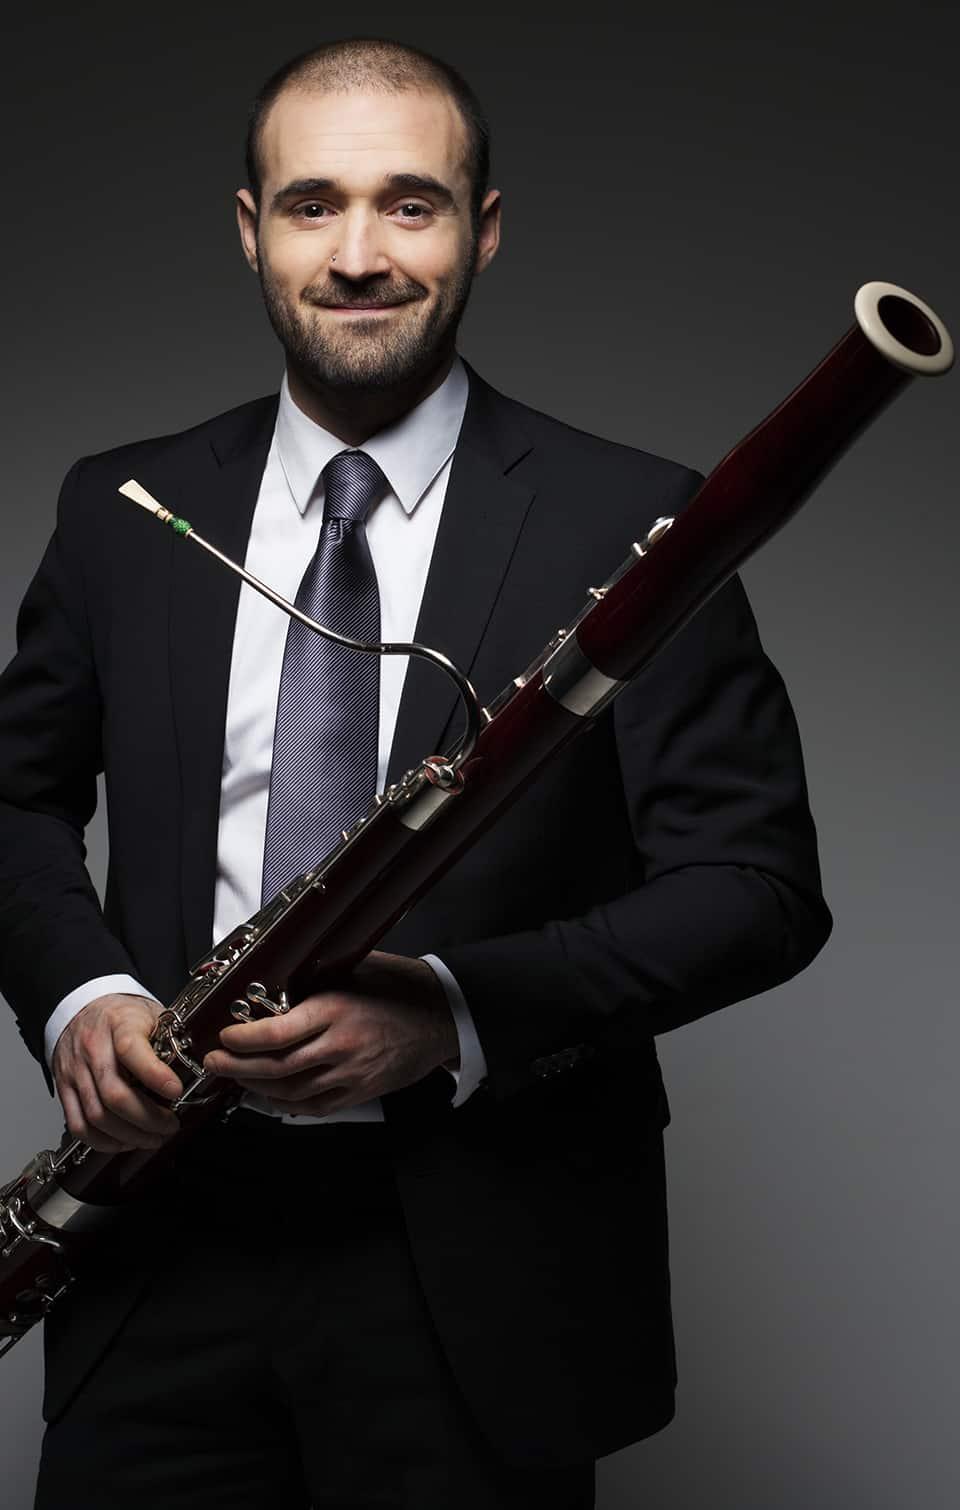 Mario Sáez López, fagott